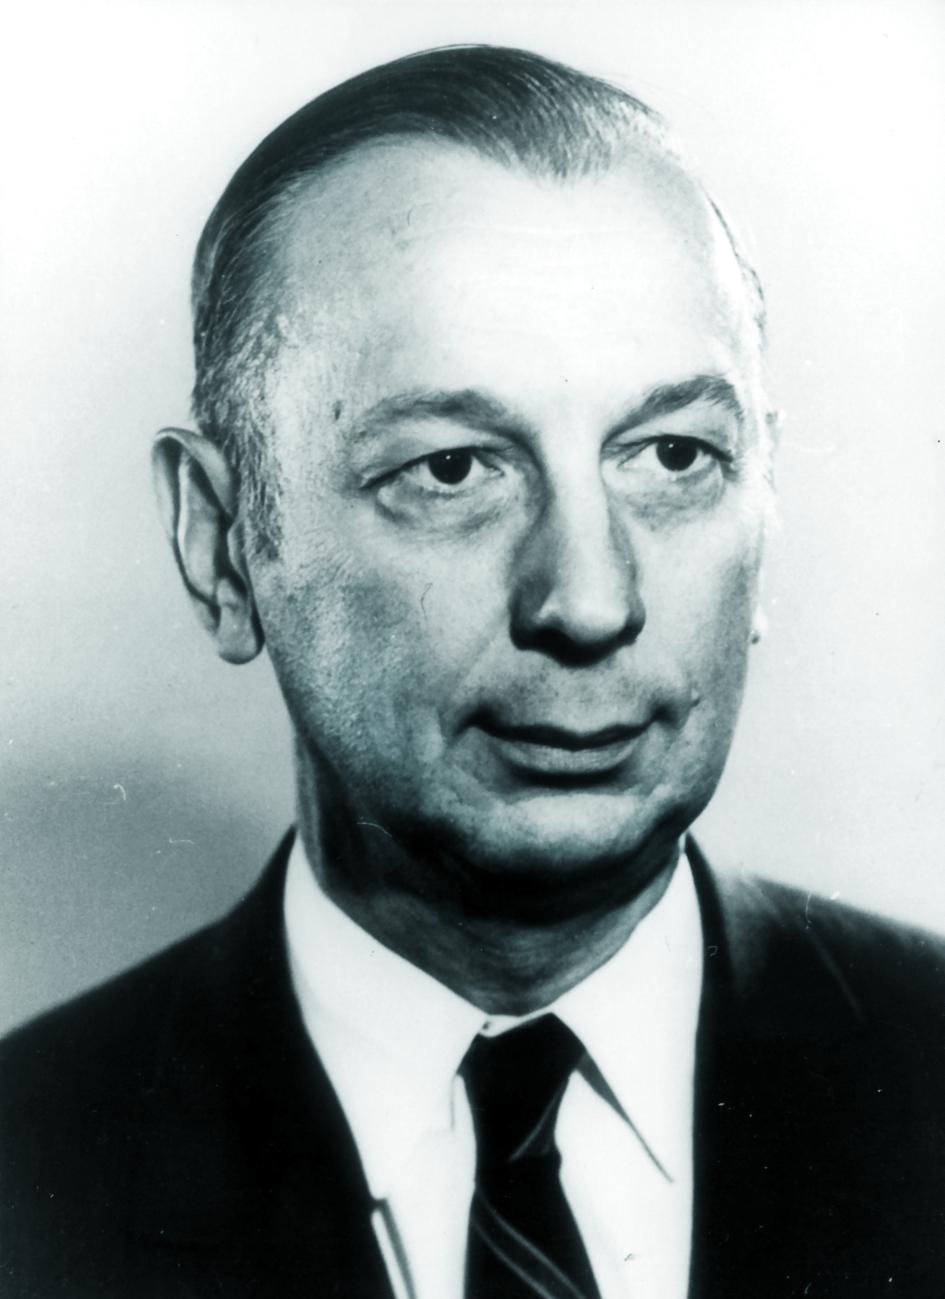 Portraitfoto von Herrn John Coltman.